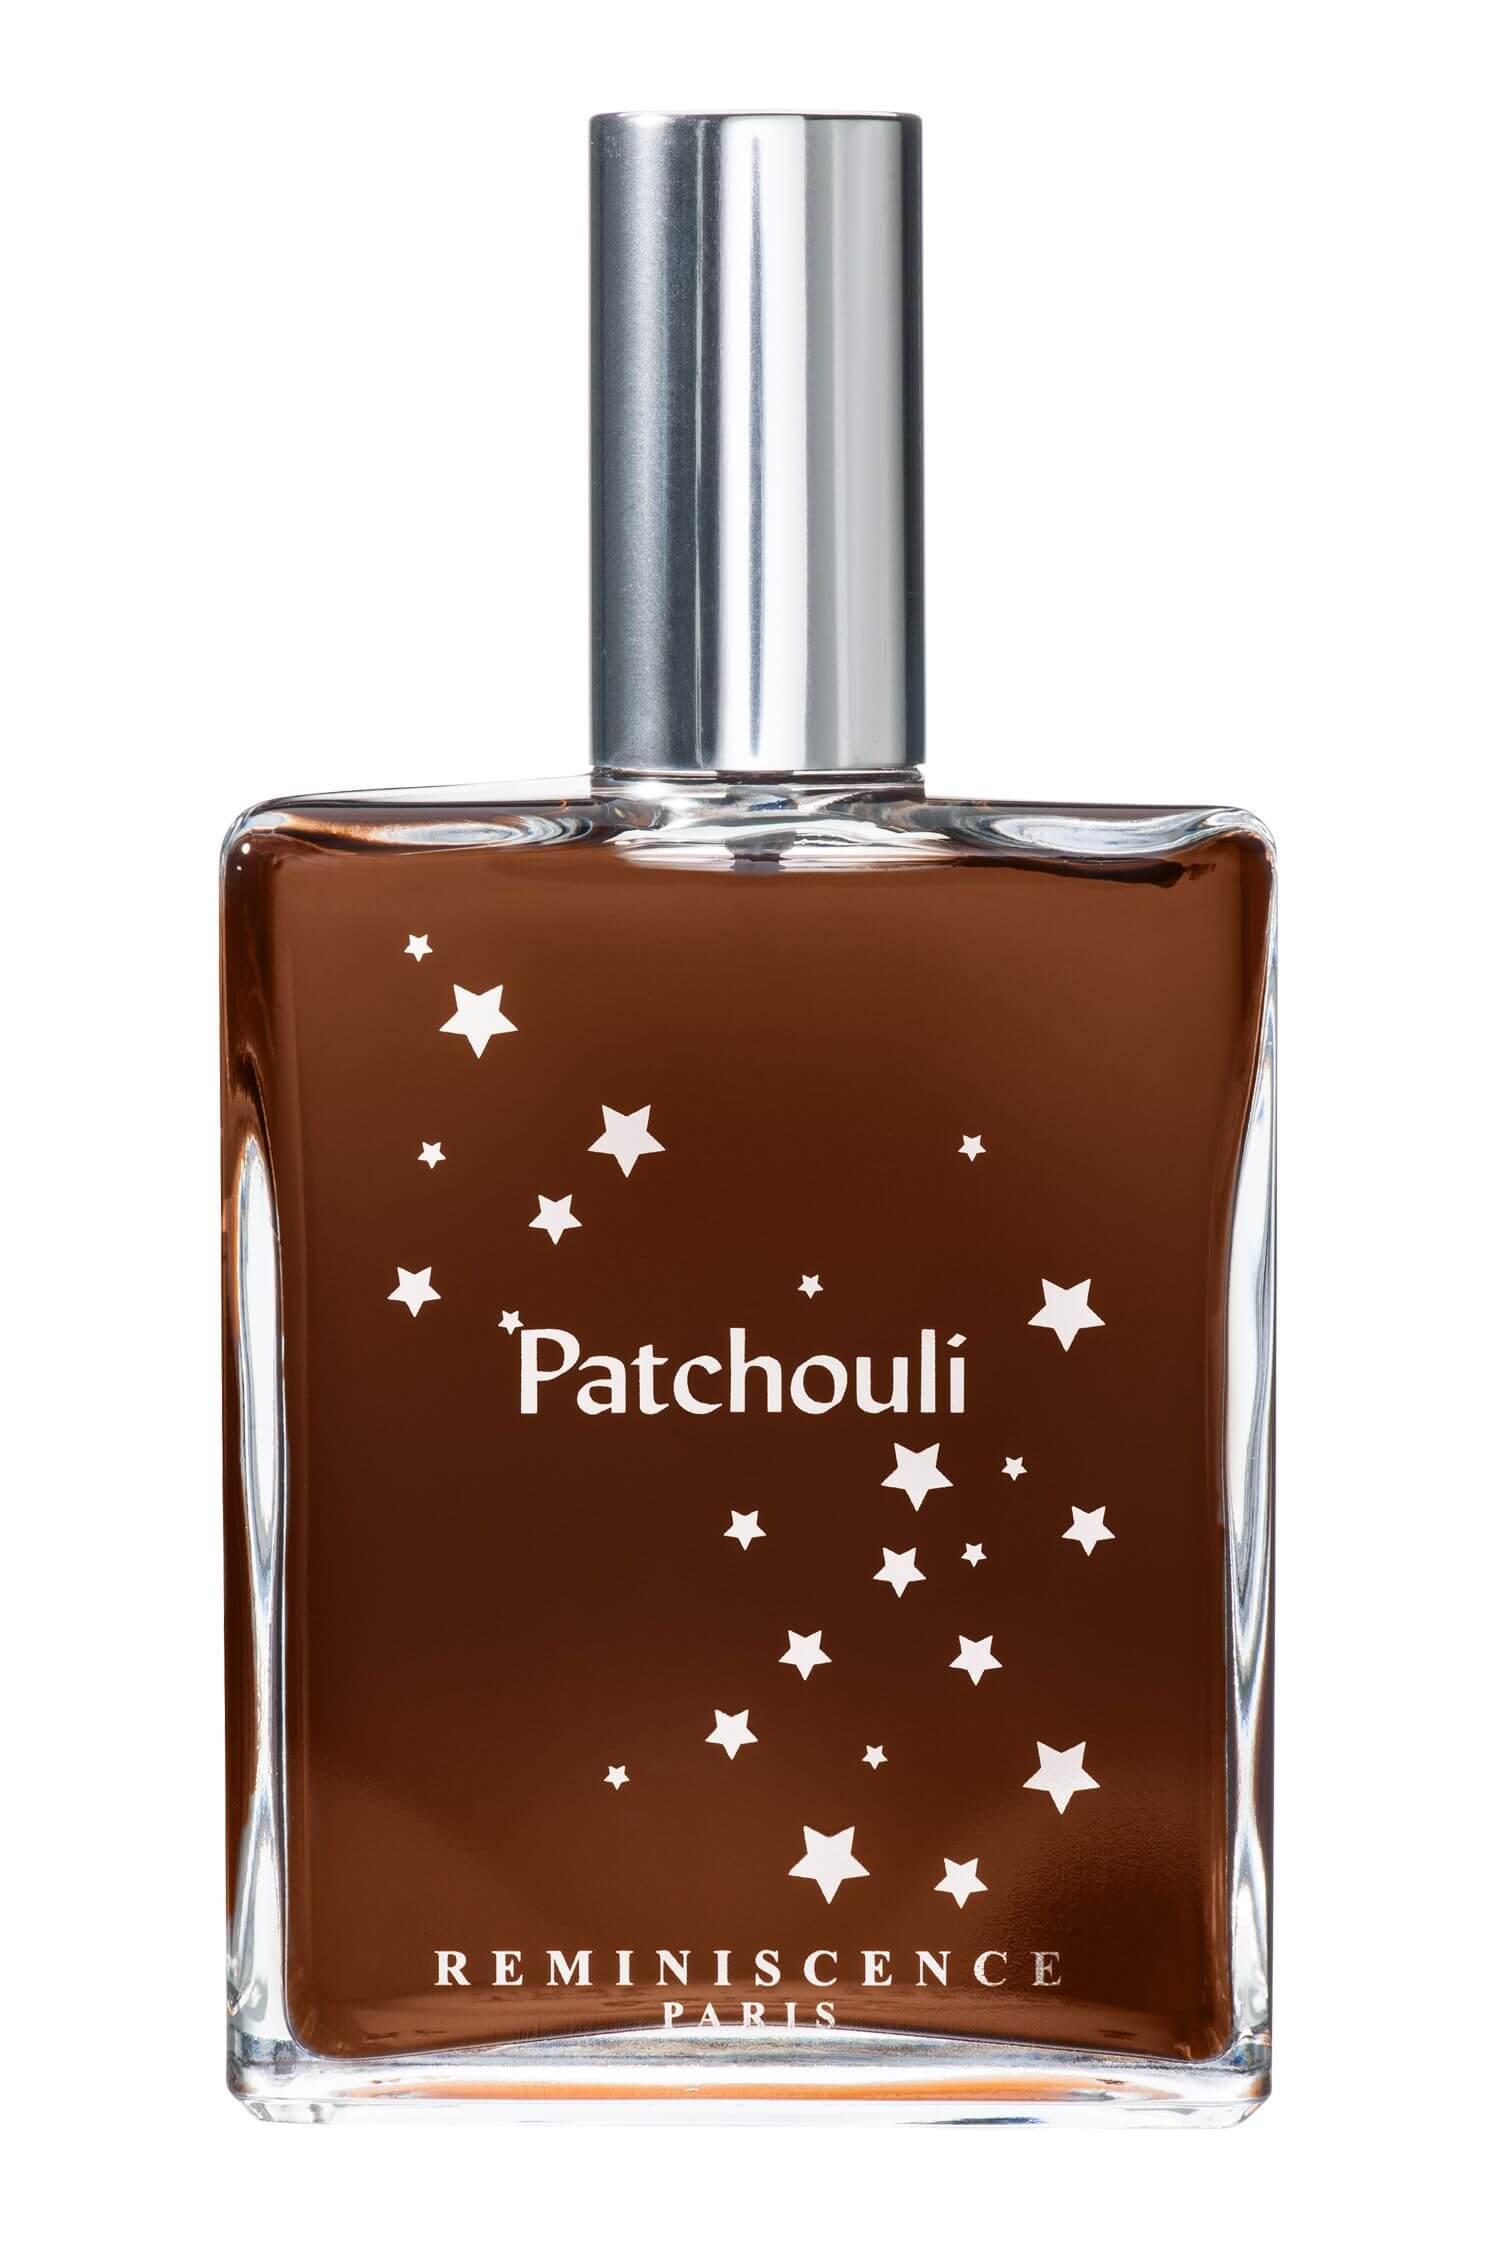 Reminiscence patchouli pas cher - Parfum prodigieux nuxe pas cher ...